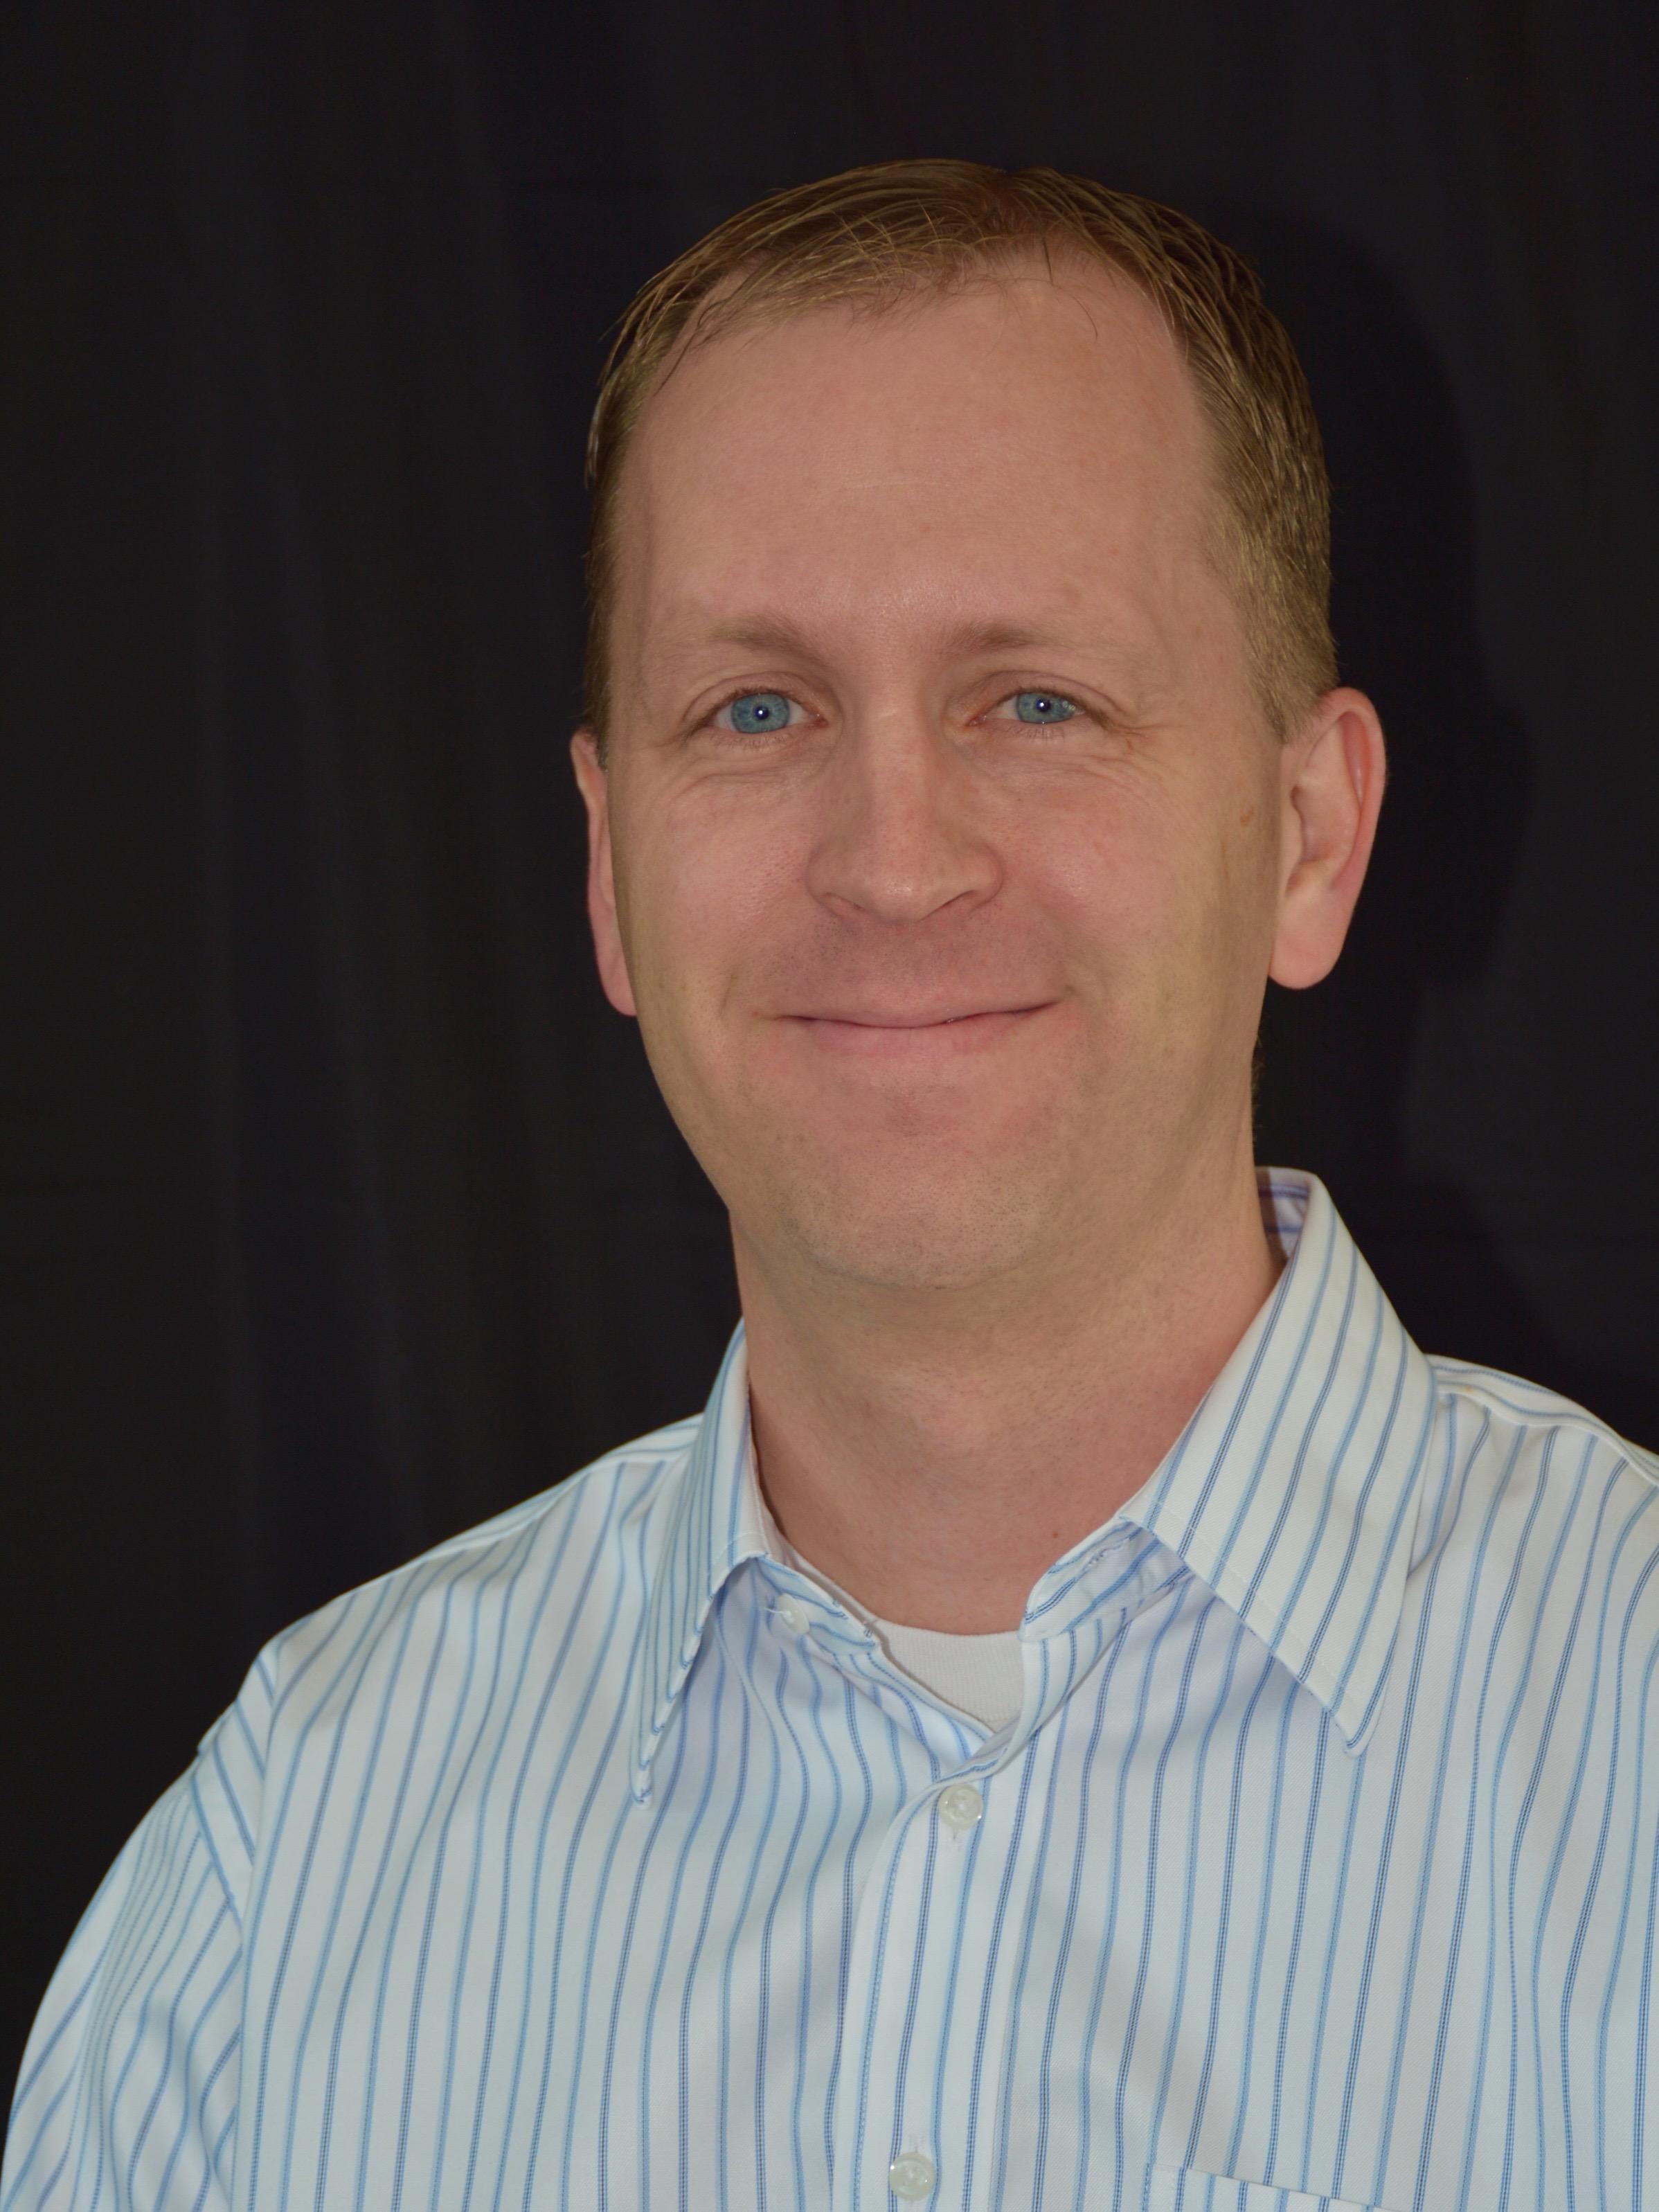 Samual Ashton, LMFT, American Fork Therapist